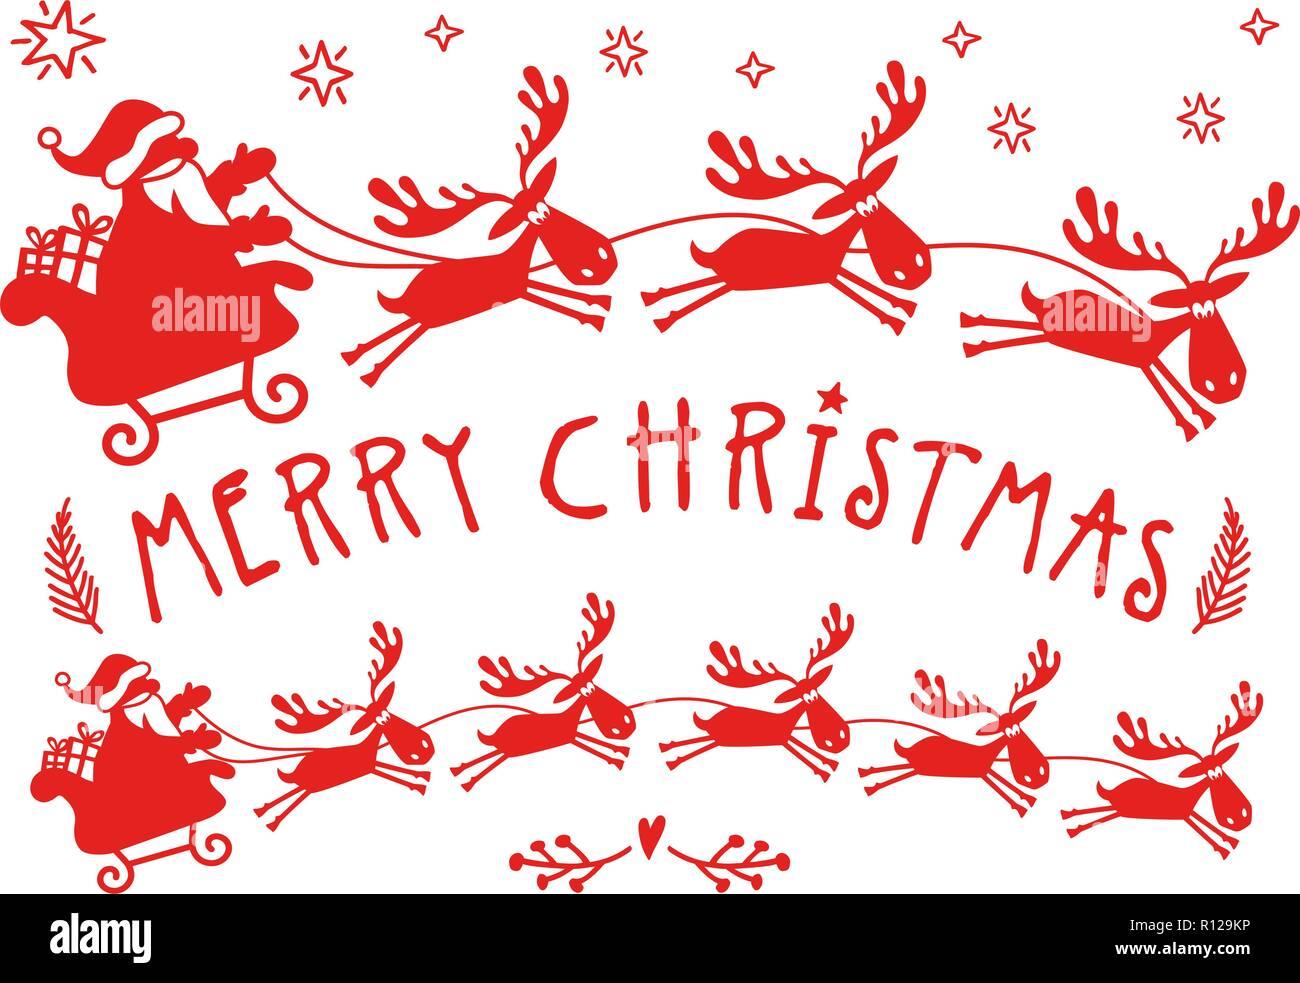 Babbo Natale Con Le Renne.Babbo Natale Con La Slitta Con Le Renne Per Carte Di Natale Wall